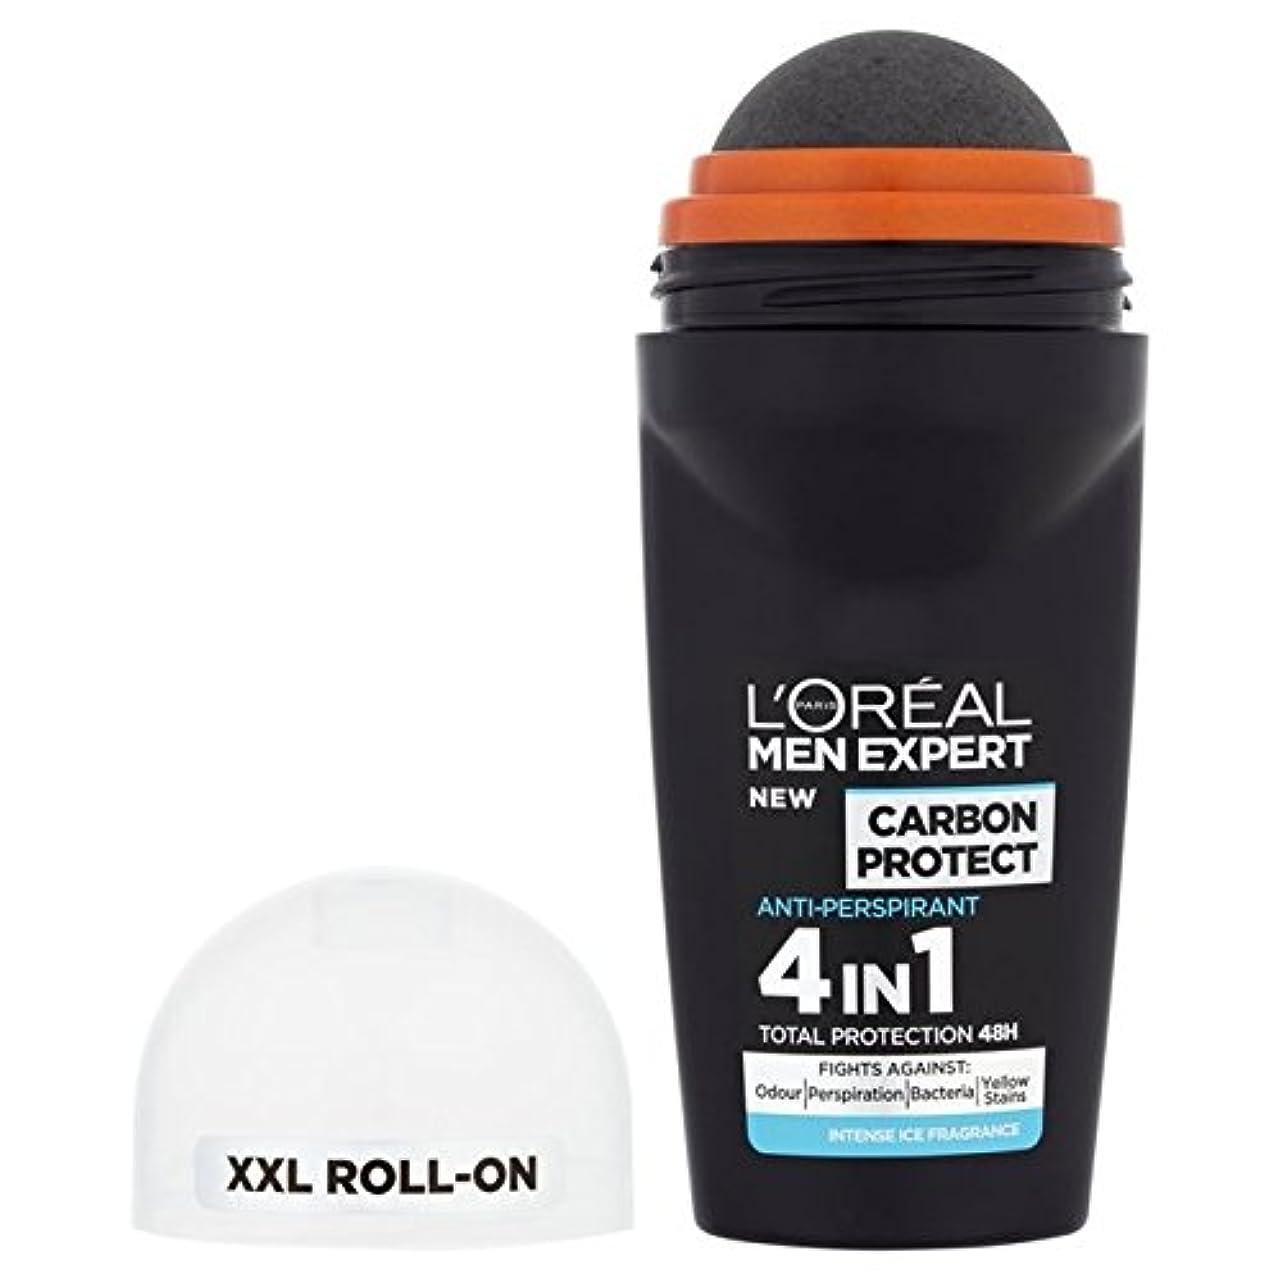 ベイビー所持揃えるロレアルの男性の専門家の炭素は、消臭50ミリリットルの氷のロールを保護します x2 - L'Oreal Men Expert Carbon Protect Ice Roll On Deodorant 50ml (Pack of 2) [並行輸入品]